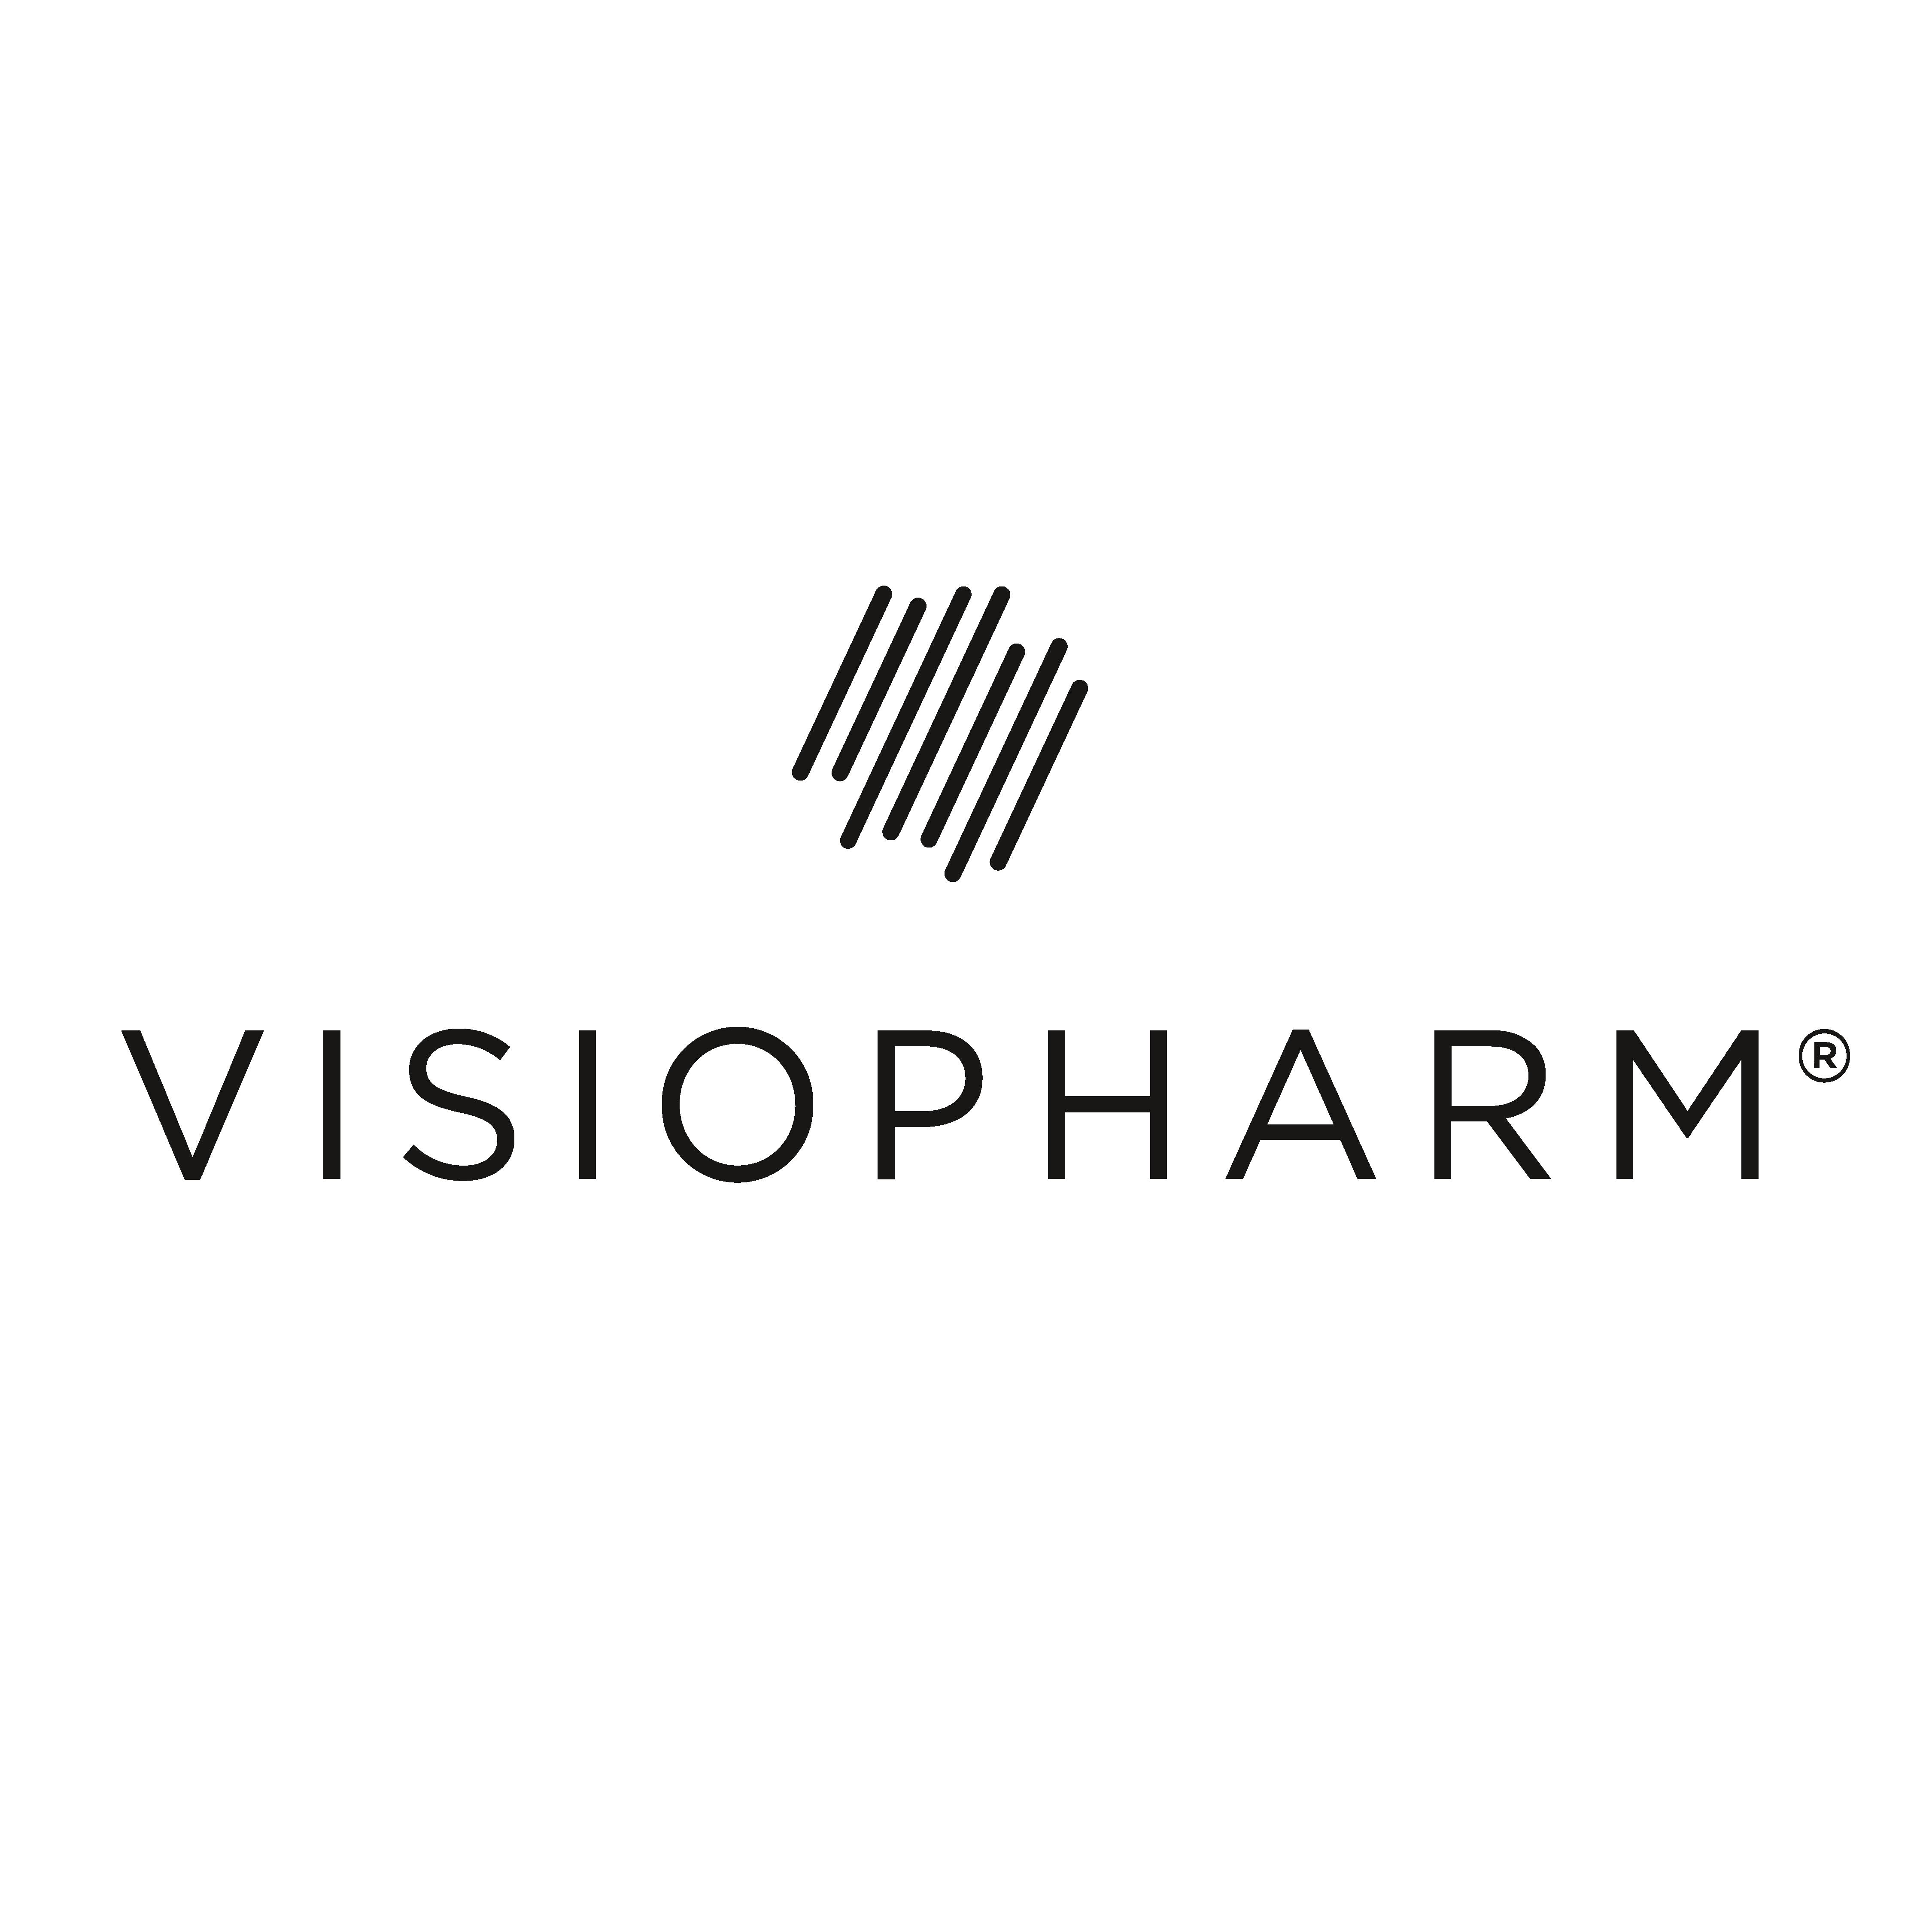 Visiopharm